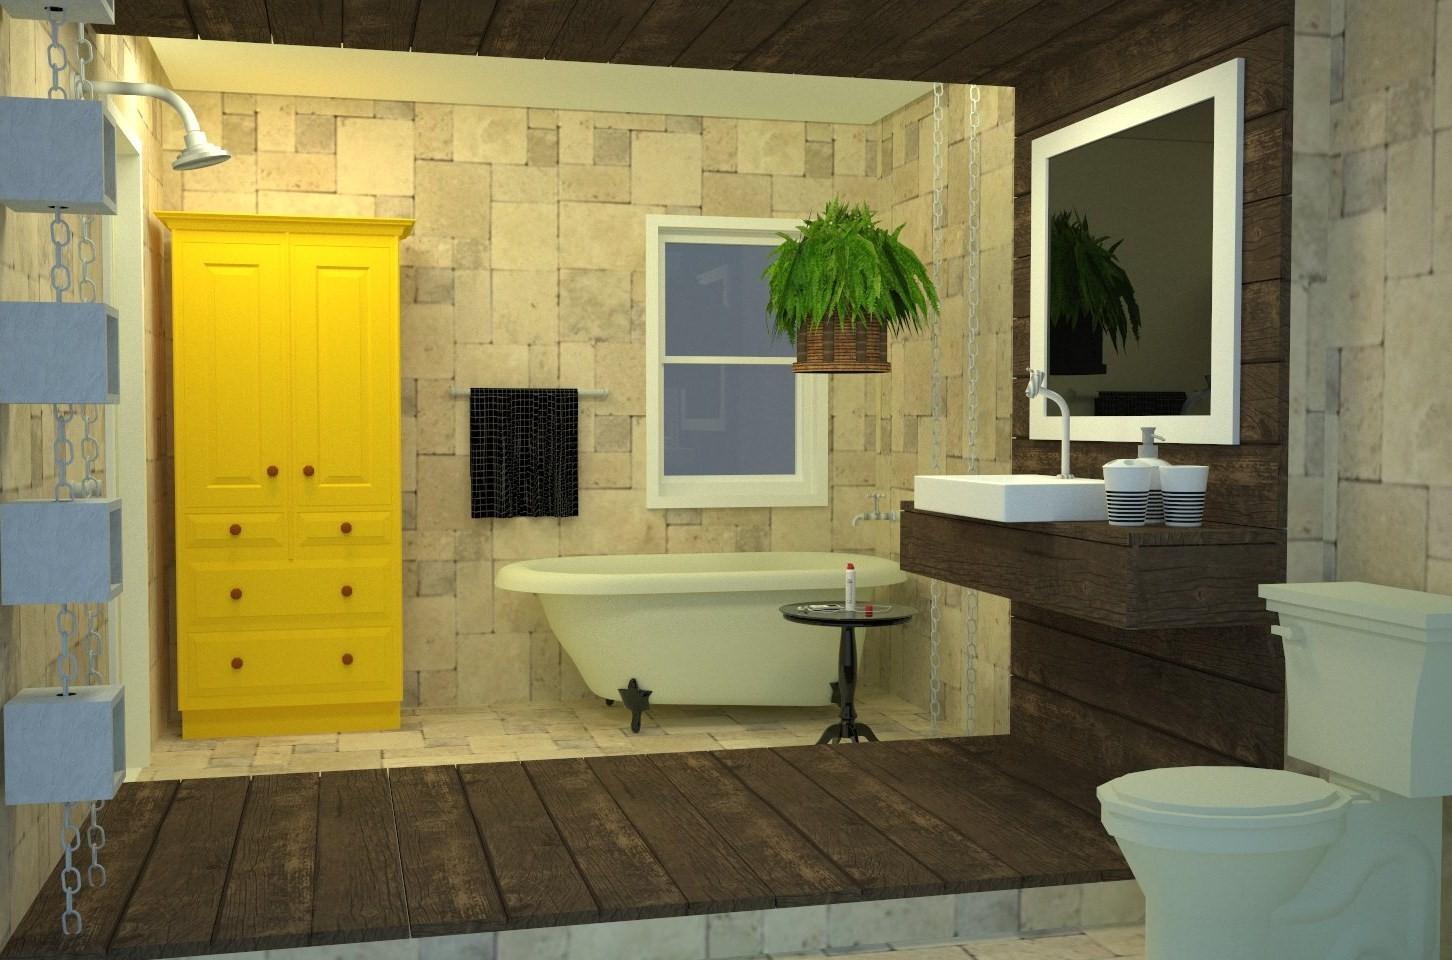 FRED FRAZÃO: Design de Interiores Banheiro Rústico #BA9911 1452x960 Banheiro Com Porcelanato Rustico